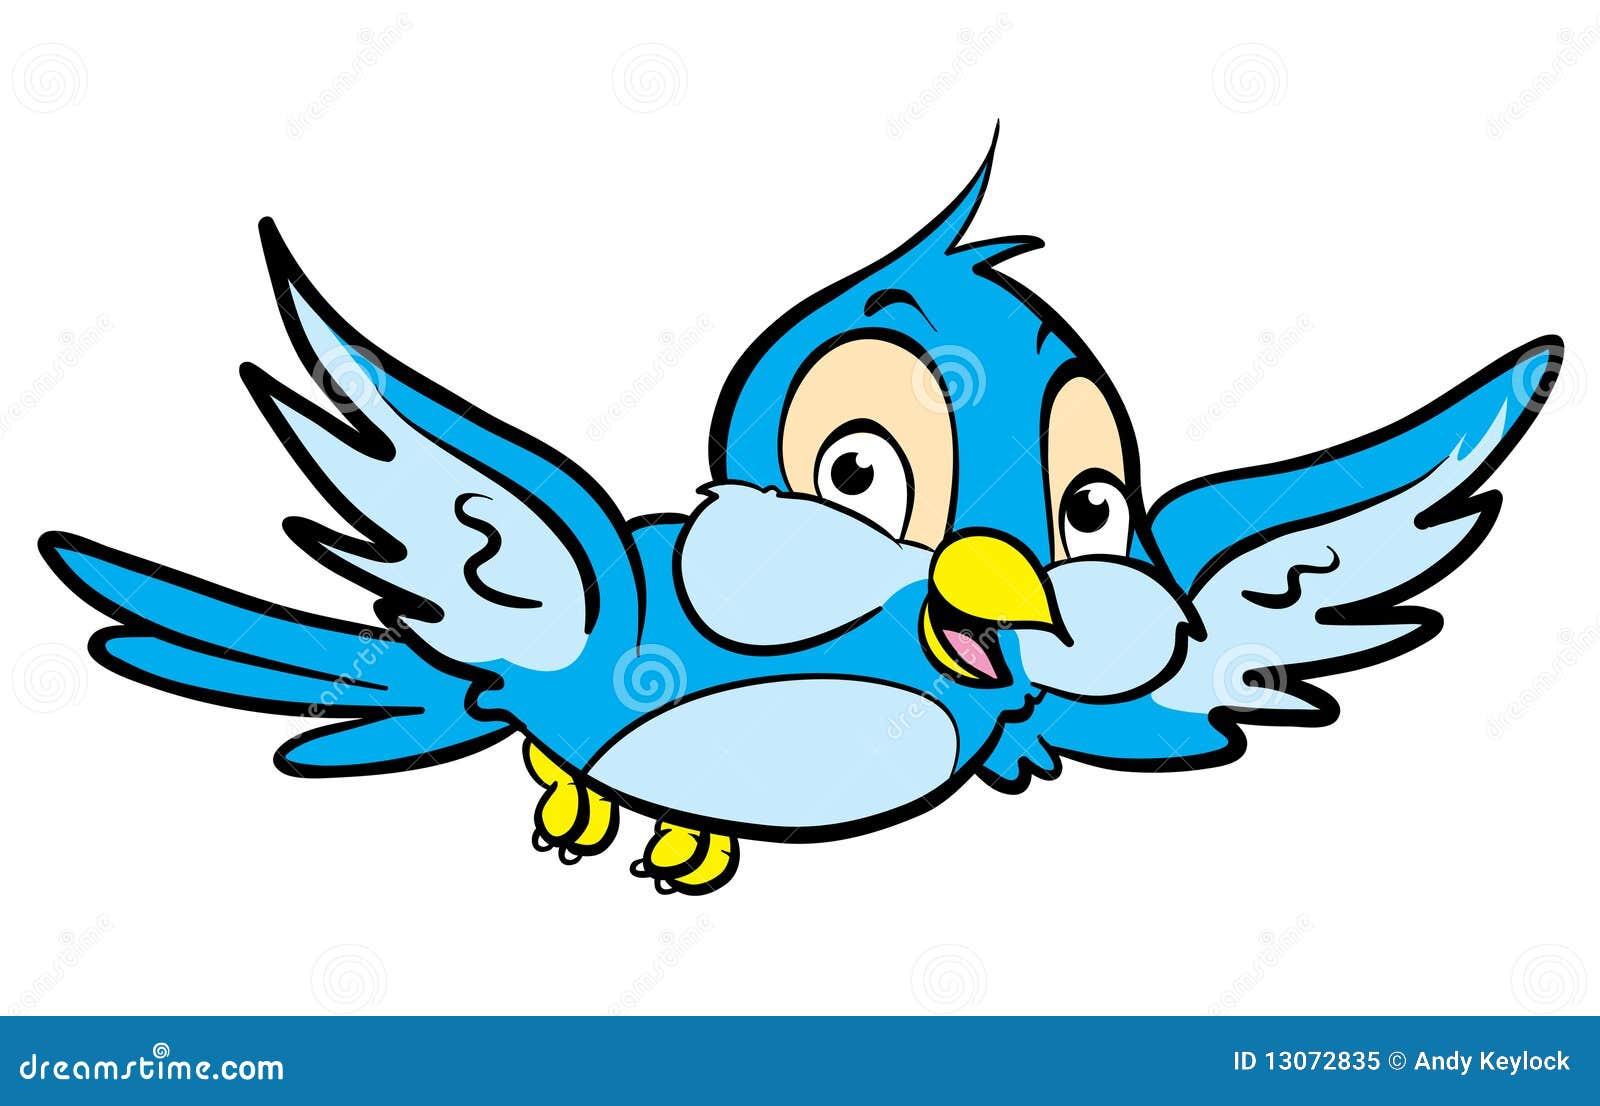 κινούμενα σχέδια πουλιών